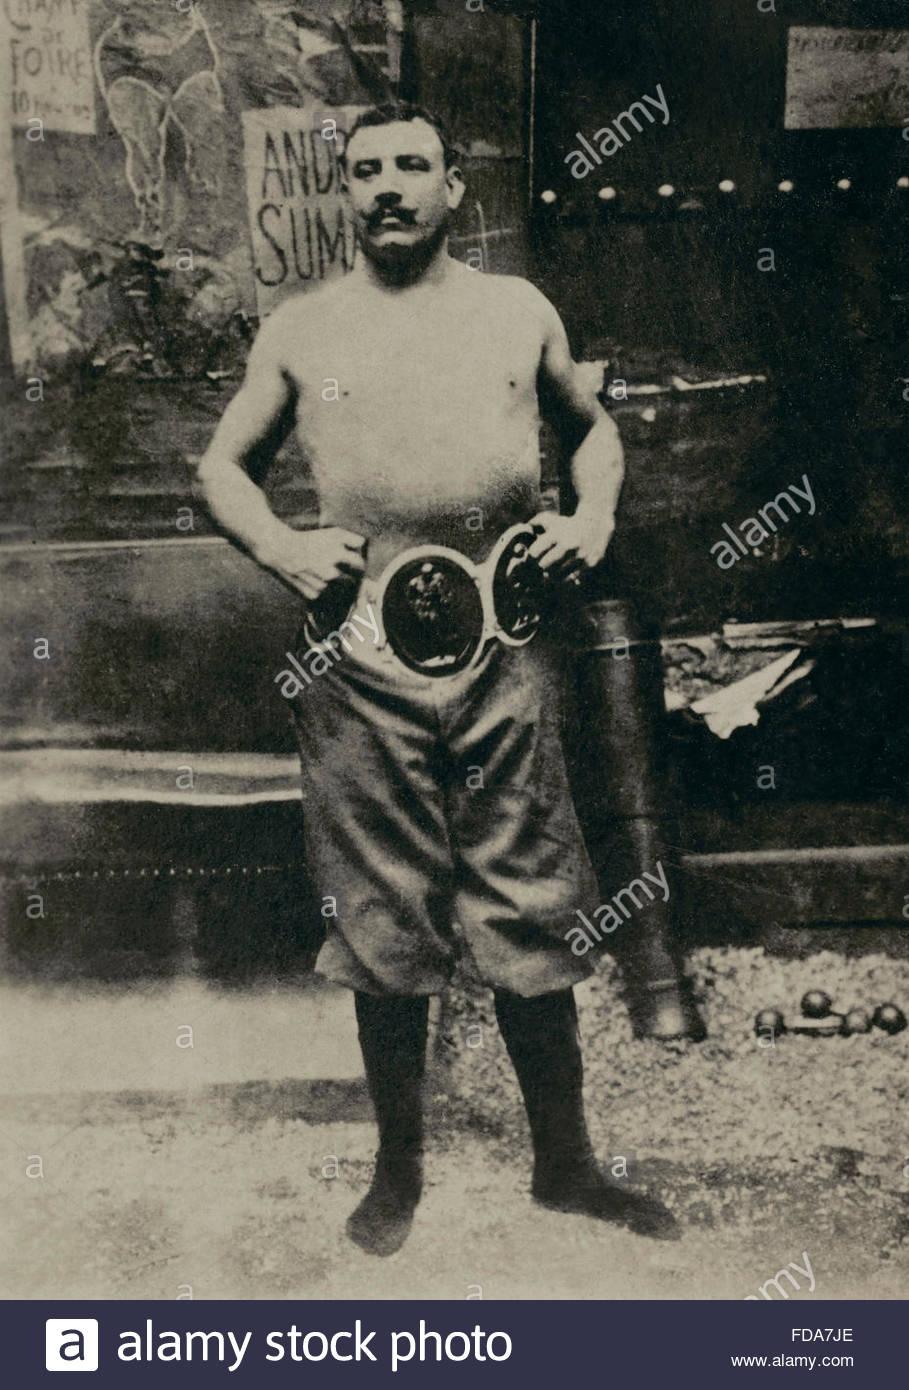 his1501488-portrait-du-lutteur-francais-paul-pons-1864-1904-photographie-FDA7JE.jpg